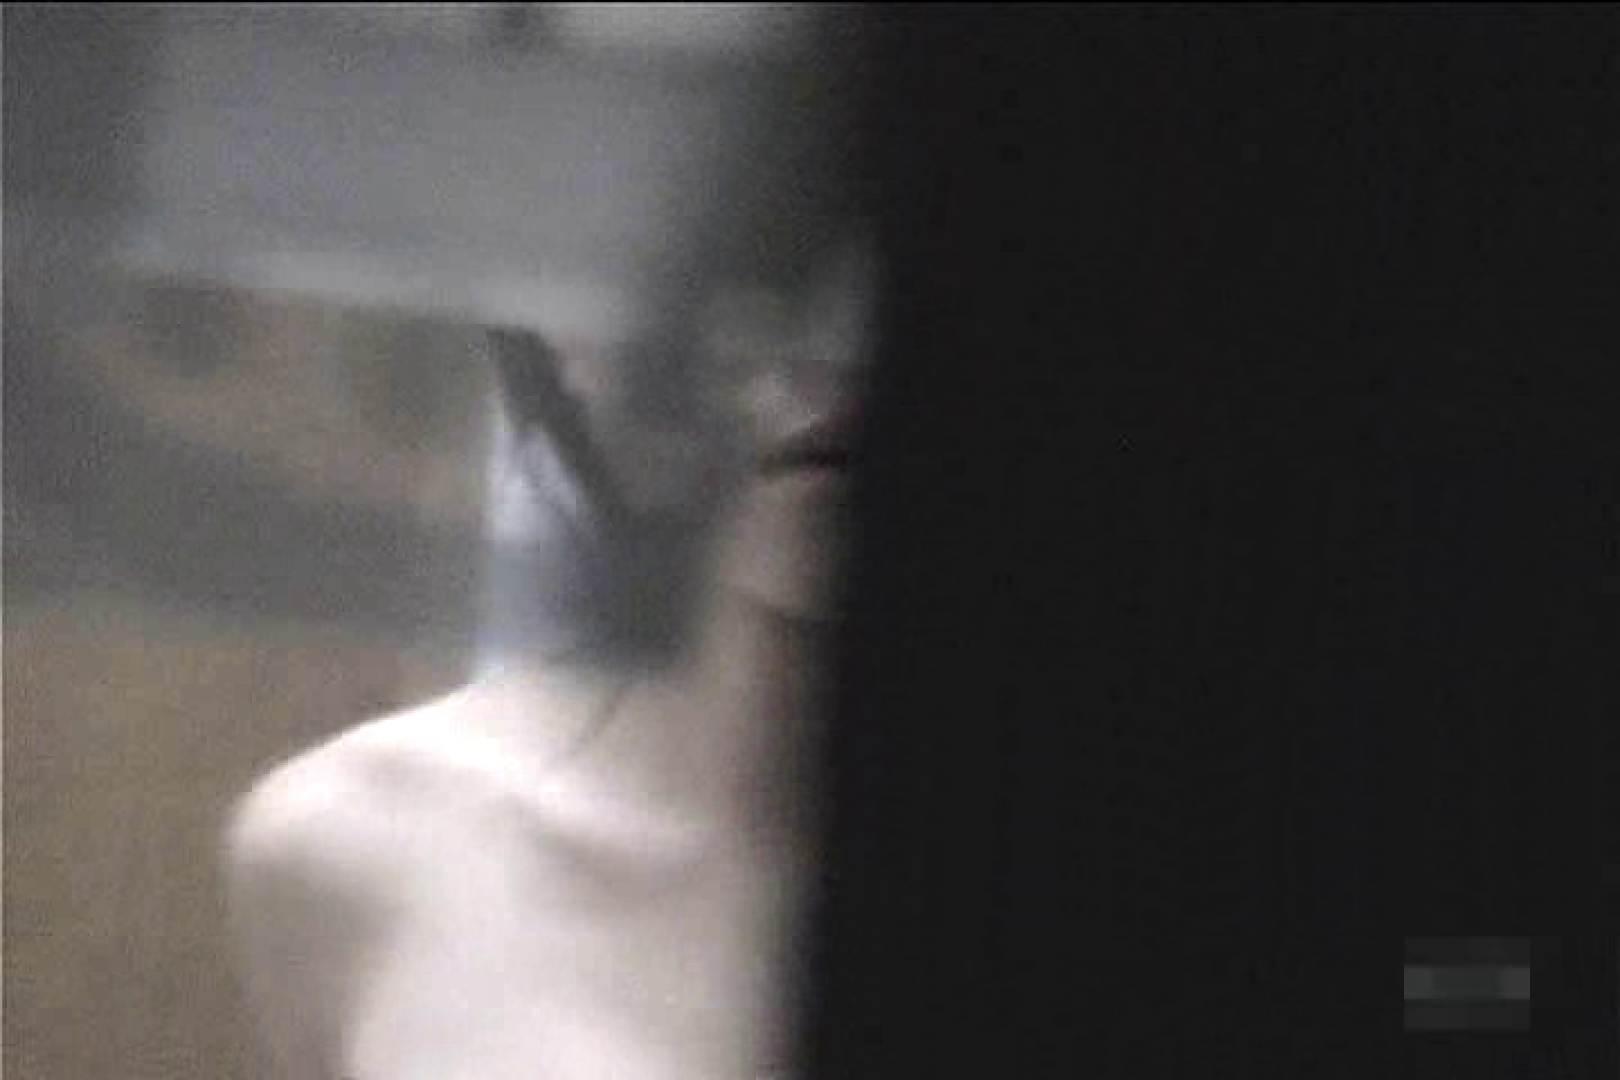 激撮ストーカー記録あなたのお宅拝見しますVol.11 OLヌード天国 | 淫乱  78PIX 33